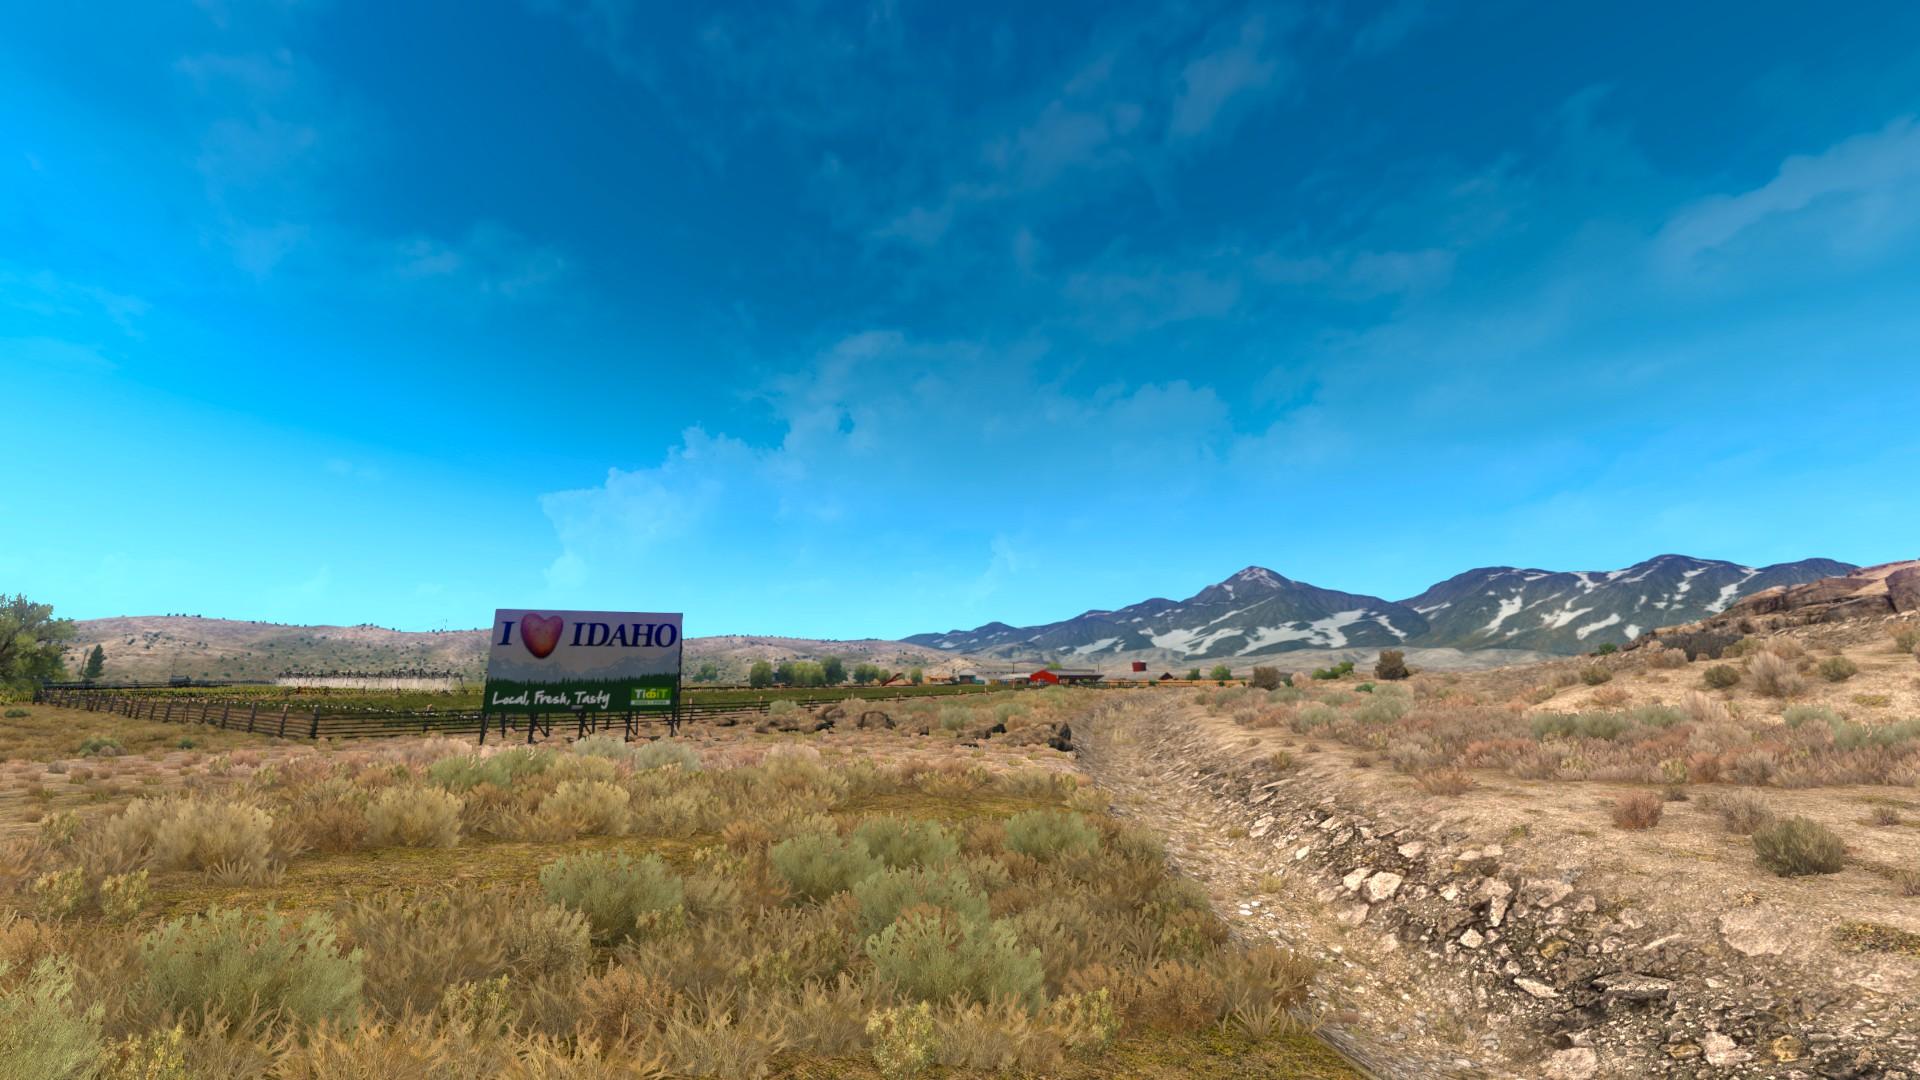 ATS - I Love Idaho Sign in a field